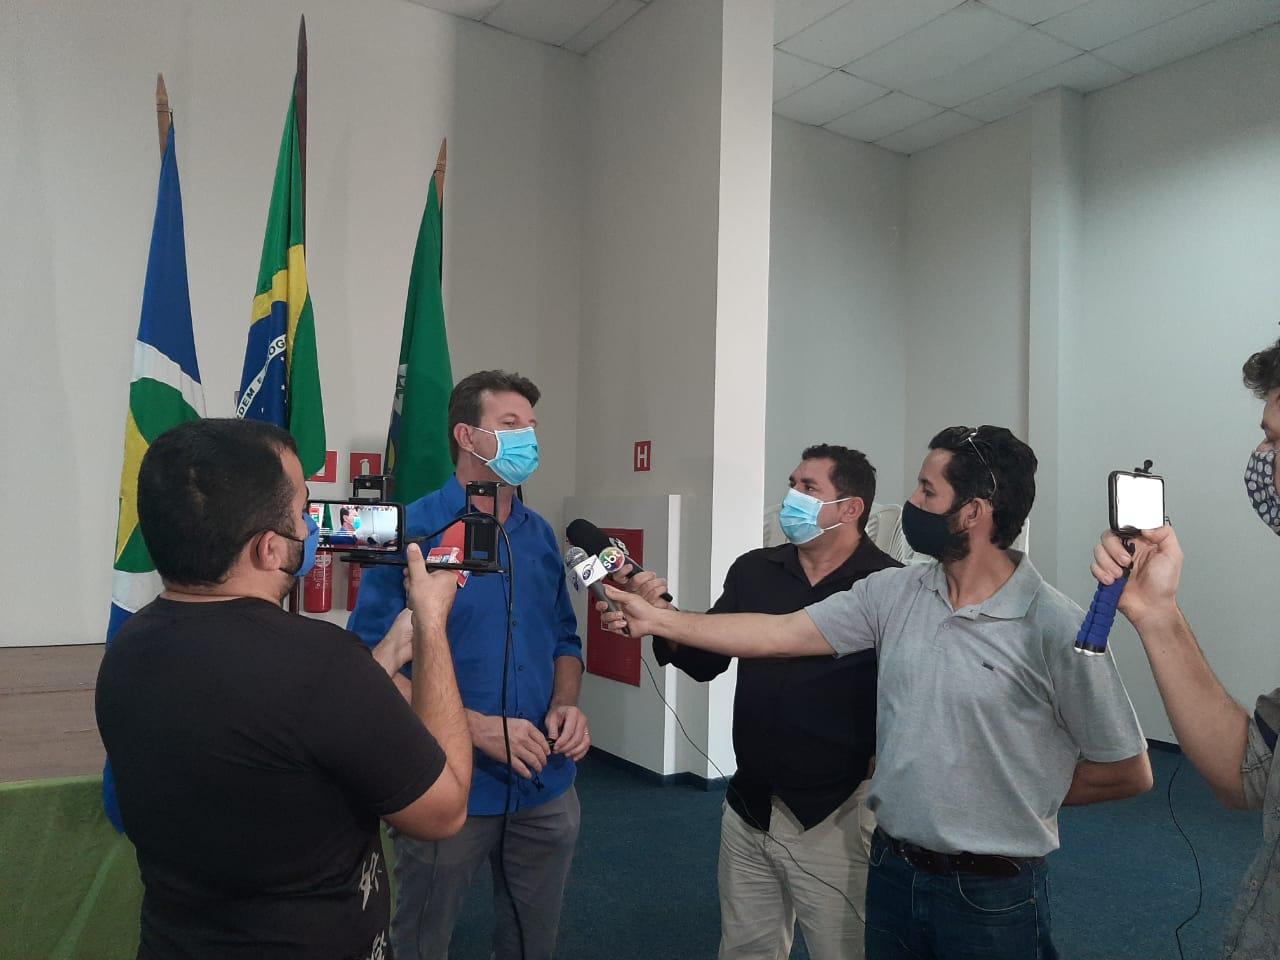 Prefeito Ari Lafin suspende projeto de implantação de lombadas eletrônicas em Sorriso